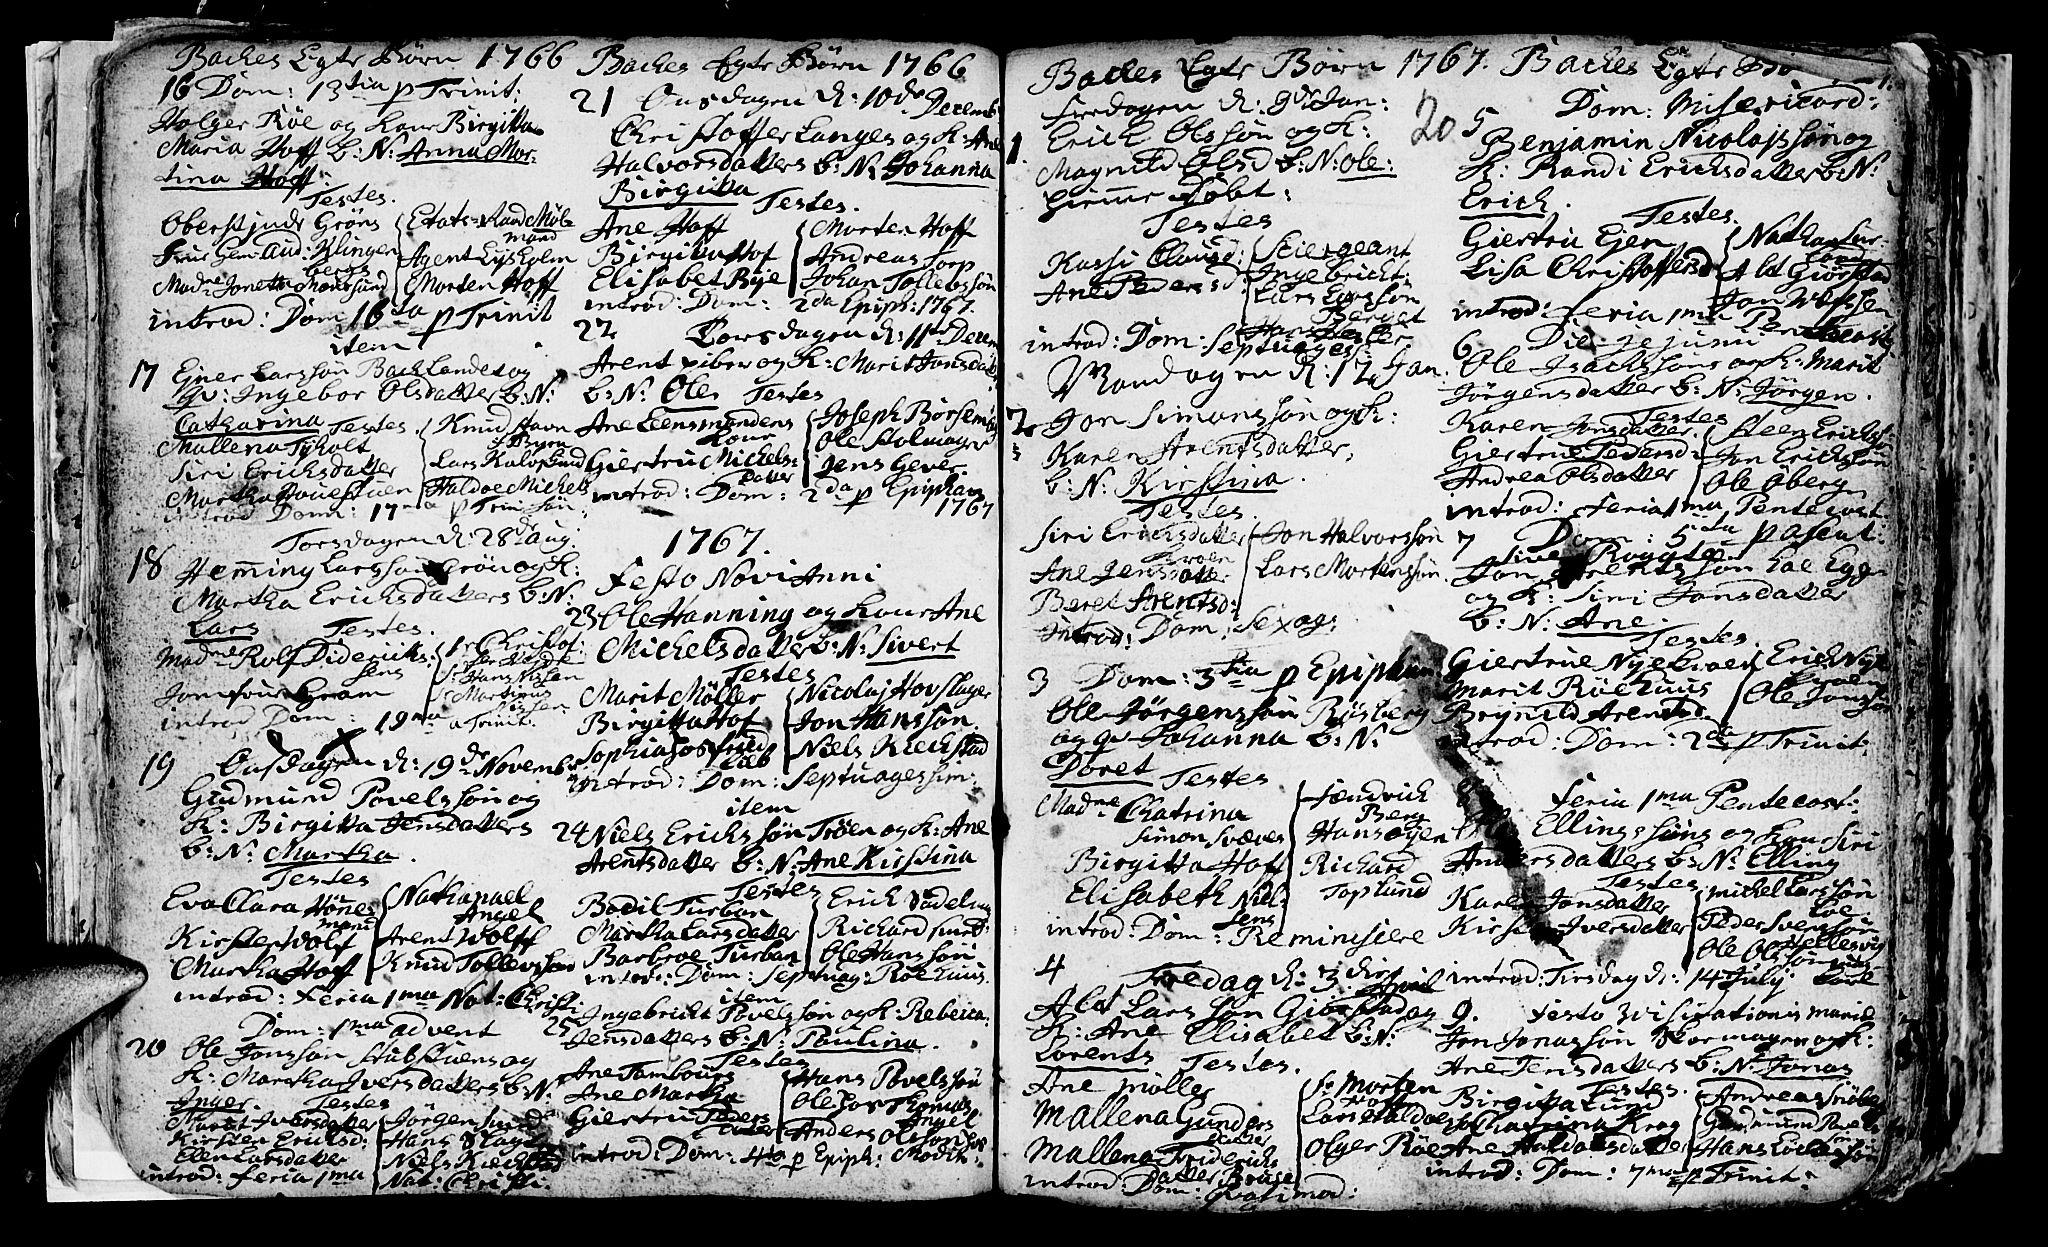 SAT, Ministerialprotokoller, klokkerbøker og fødselsregistre - Sør-Trøndelag, 604/L0218: Klokkerbok nr. 604C01, 1754-1819, s. 20